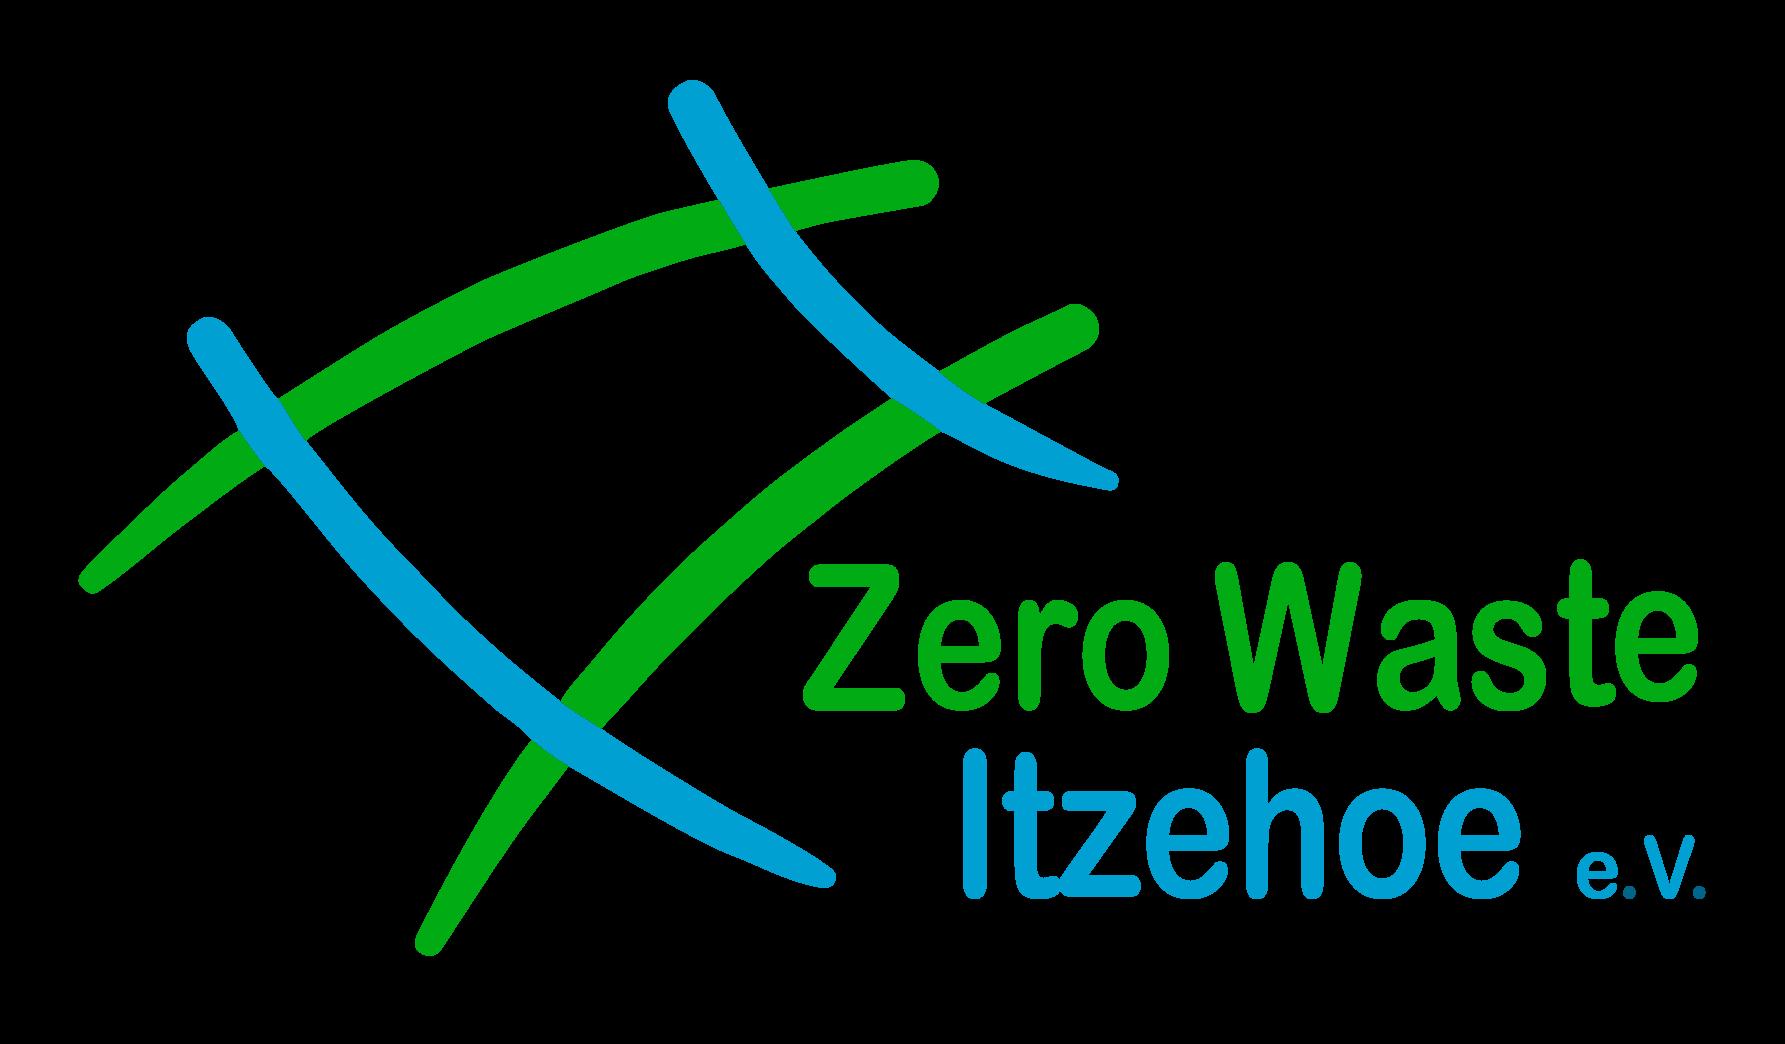 Zero Waste Itzehoe e. V.